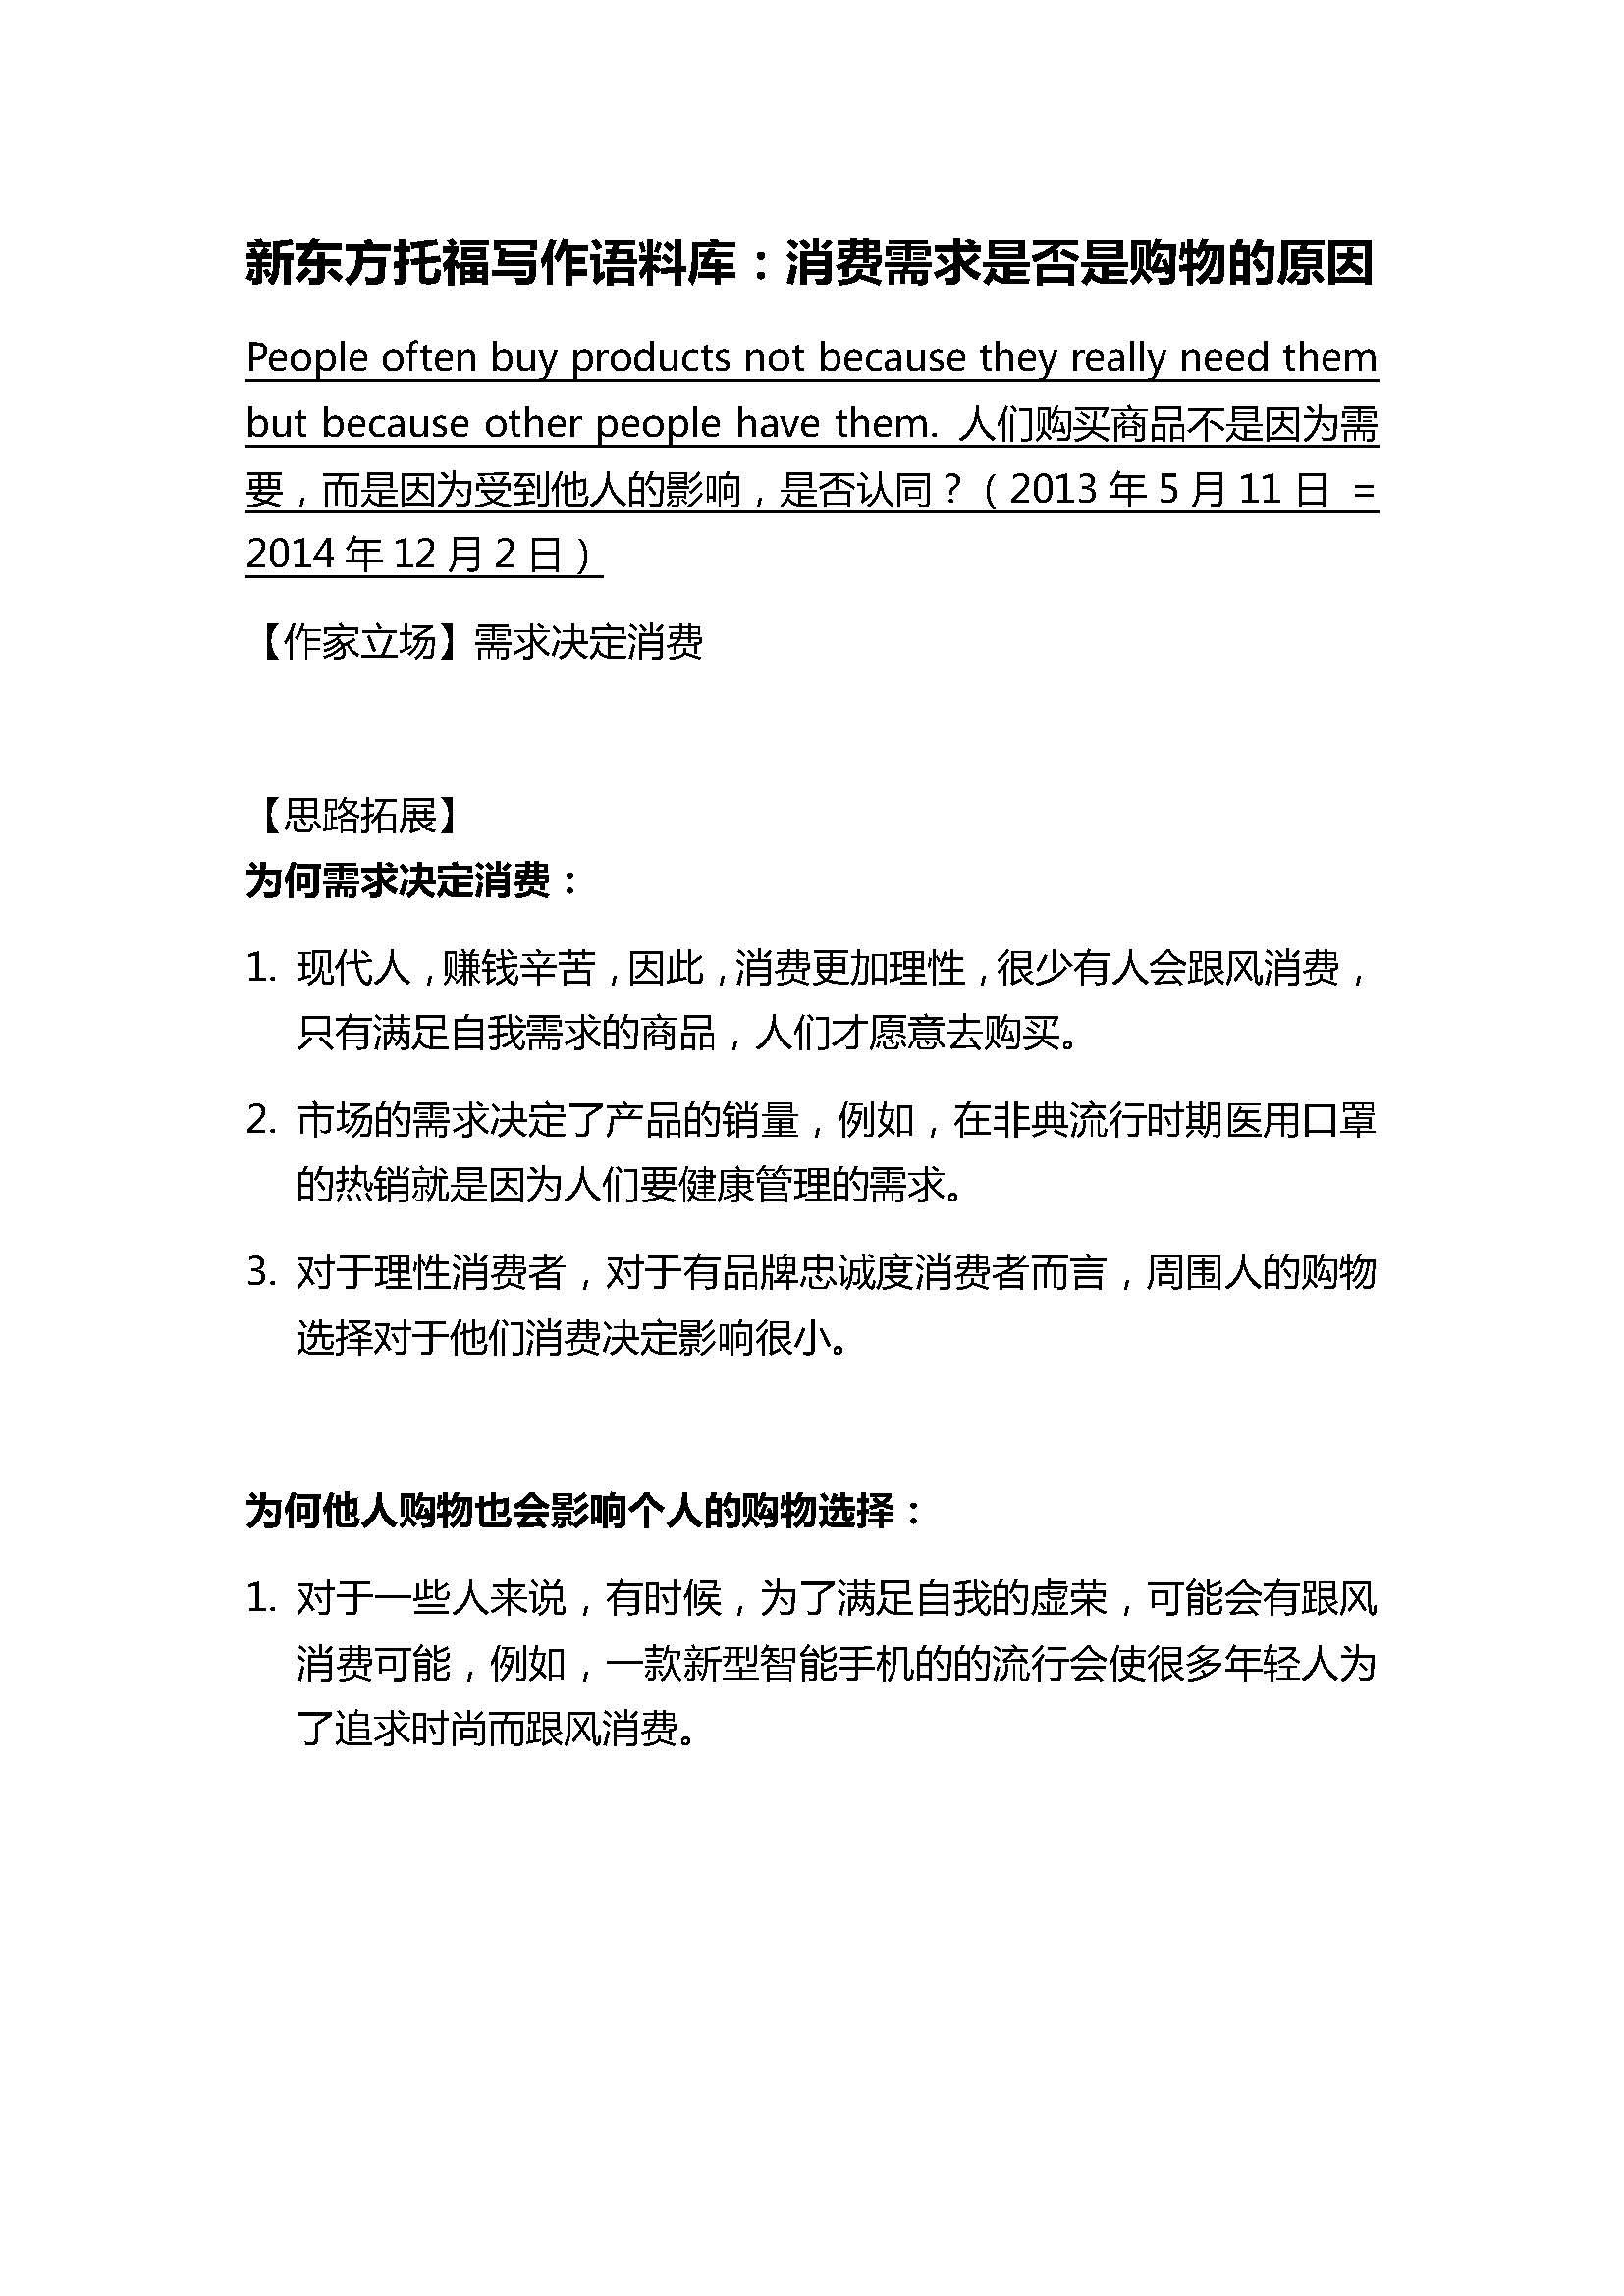 新东方托福写作语料库:消费需求是否是购物的原因